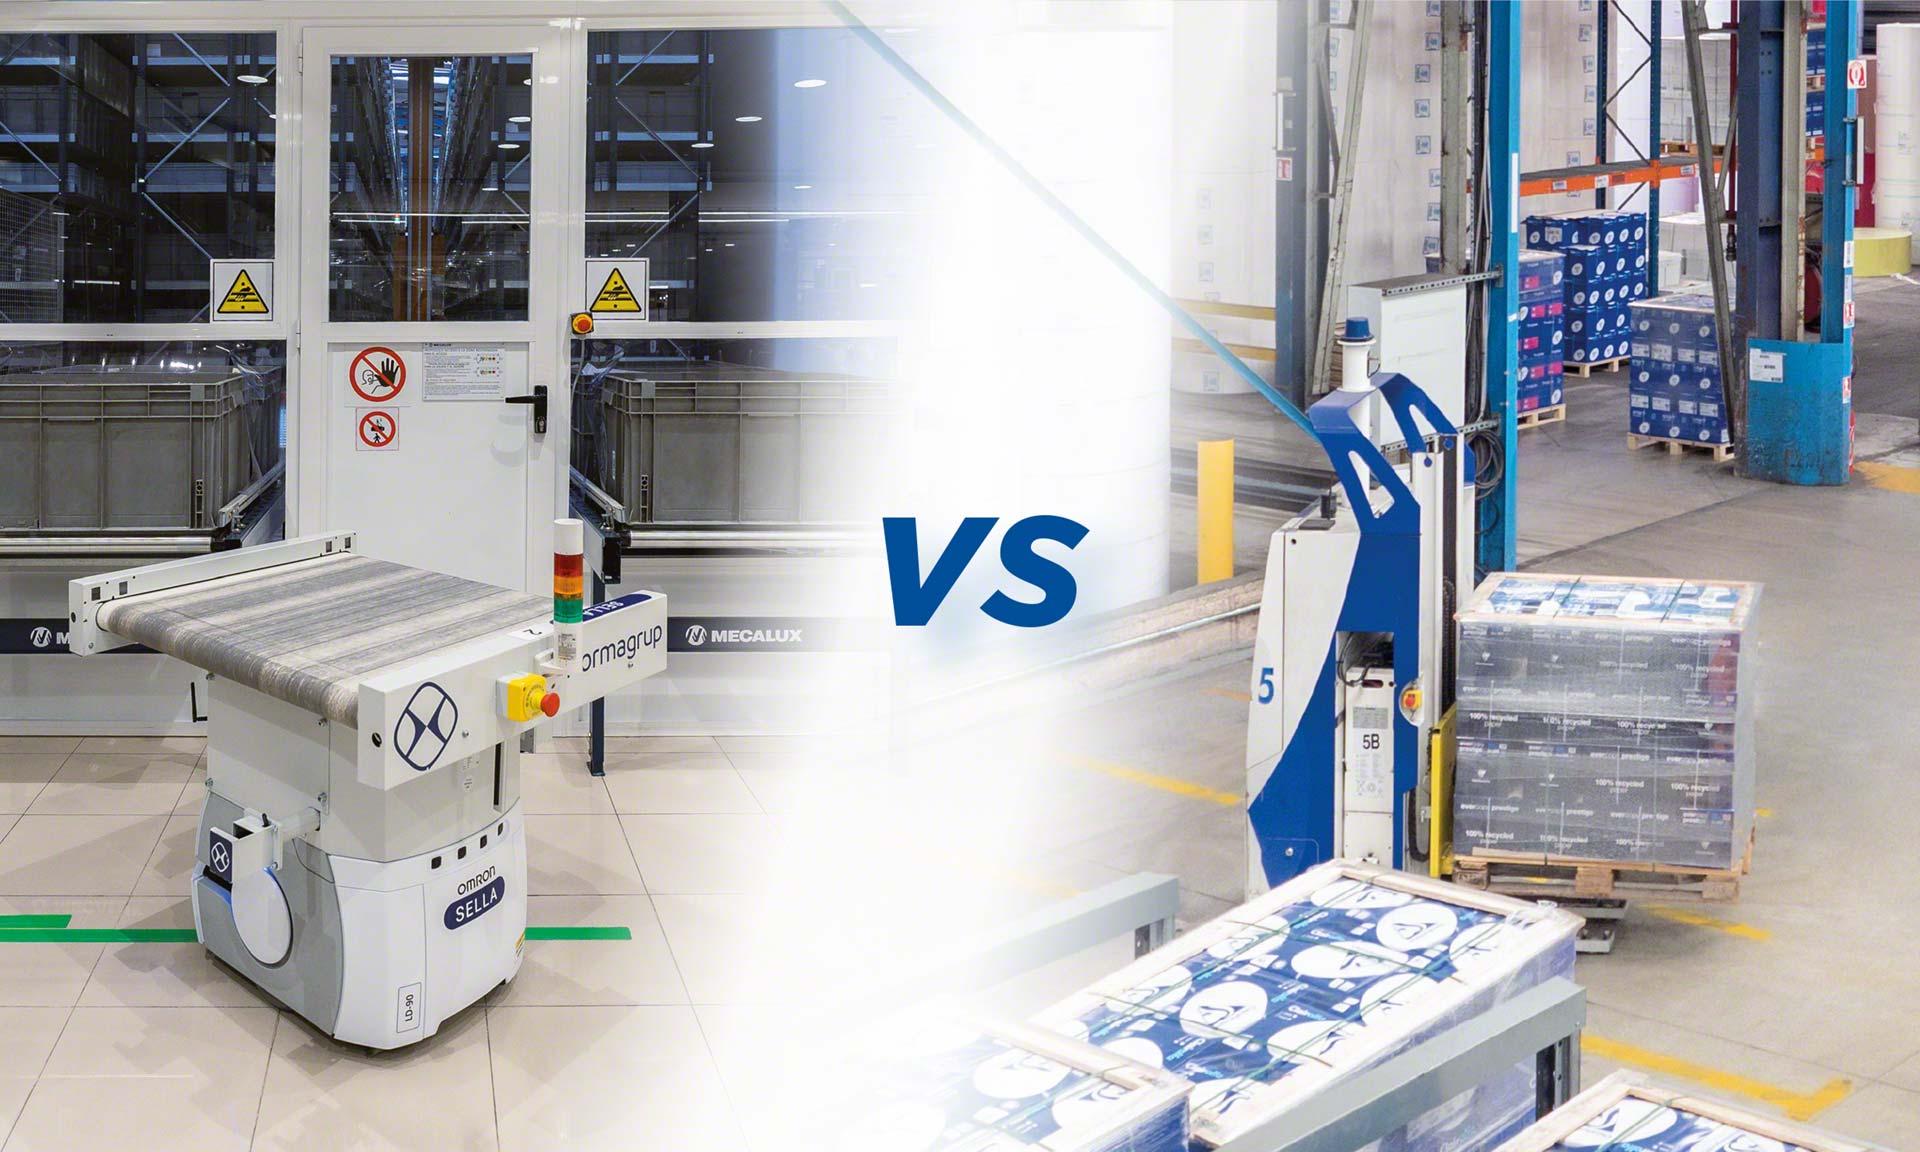 AMR vs. AGV: qual è la differenza e qual è il migliore?